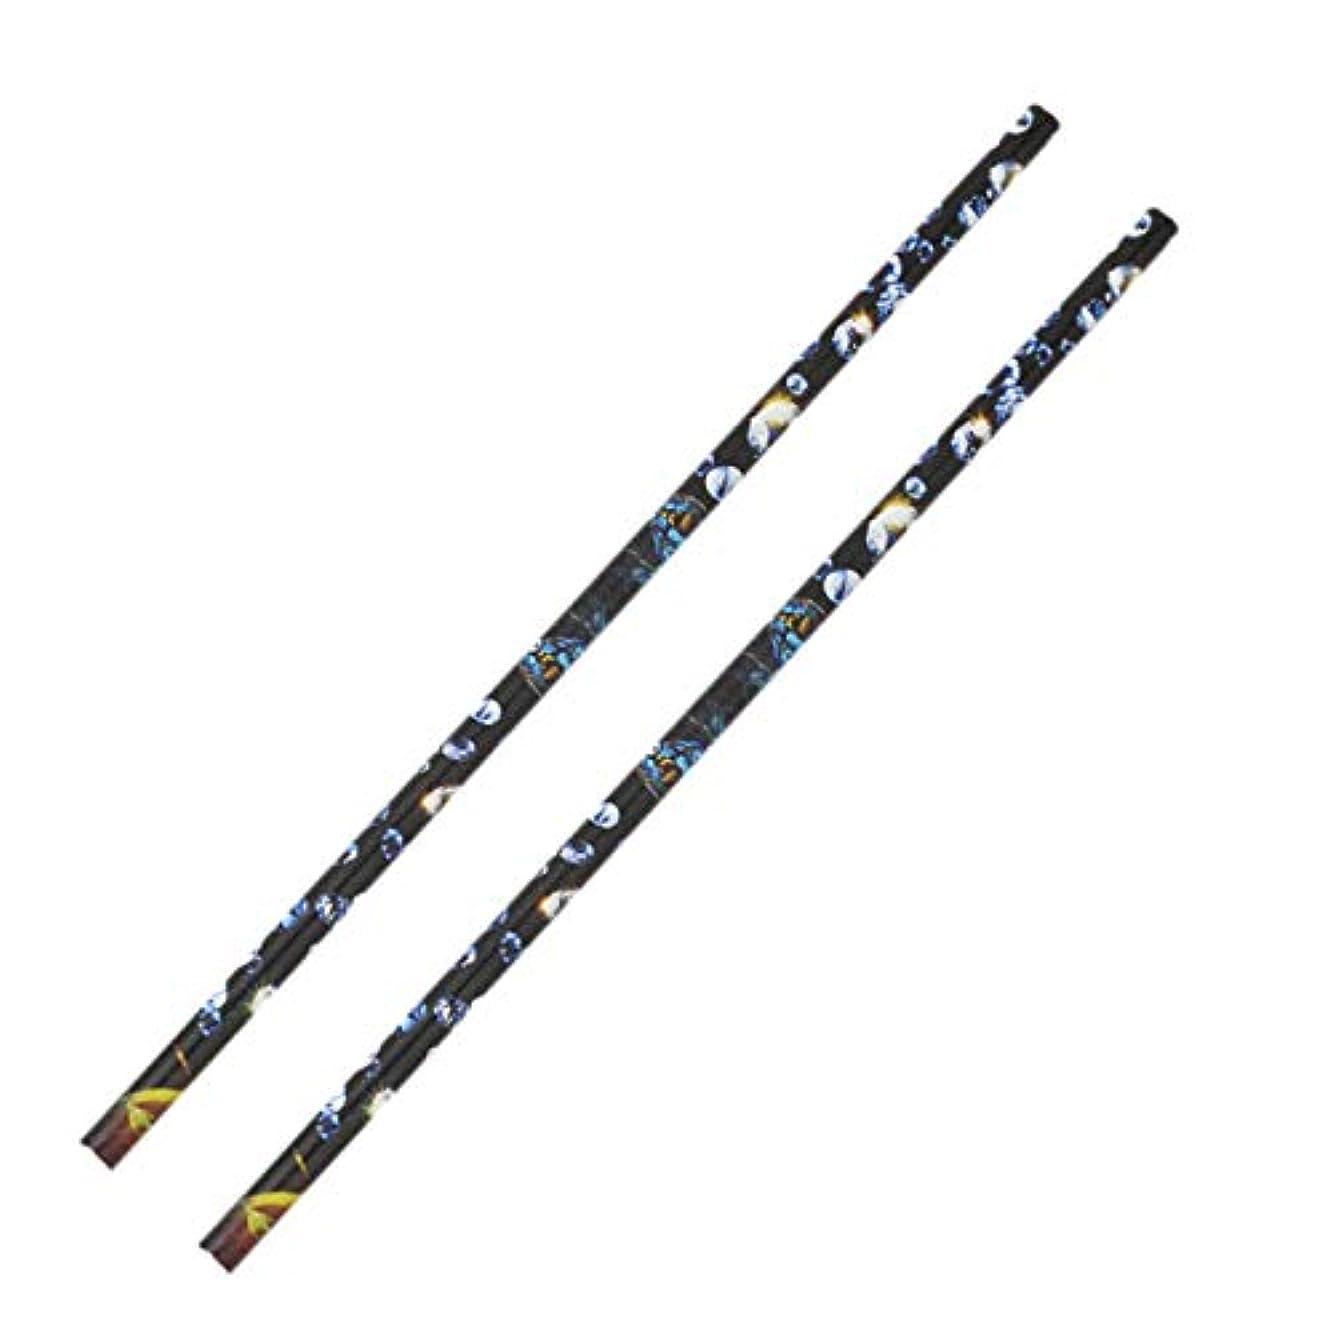 大量楽しい正しくACAMPTAR 2個 クリスタル ラインストーン ピッカー鉛筆ネイルアートクラフト装飾ツール ワックスペンDIYスティッキードリルクレヨンラインストーンスティックドリルペン マニキュアツール